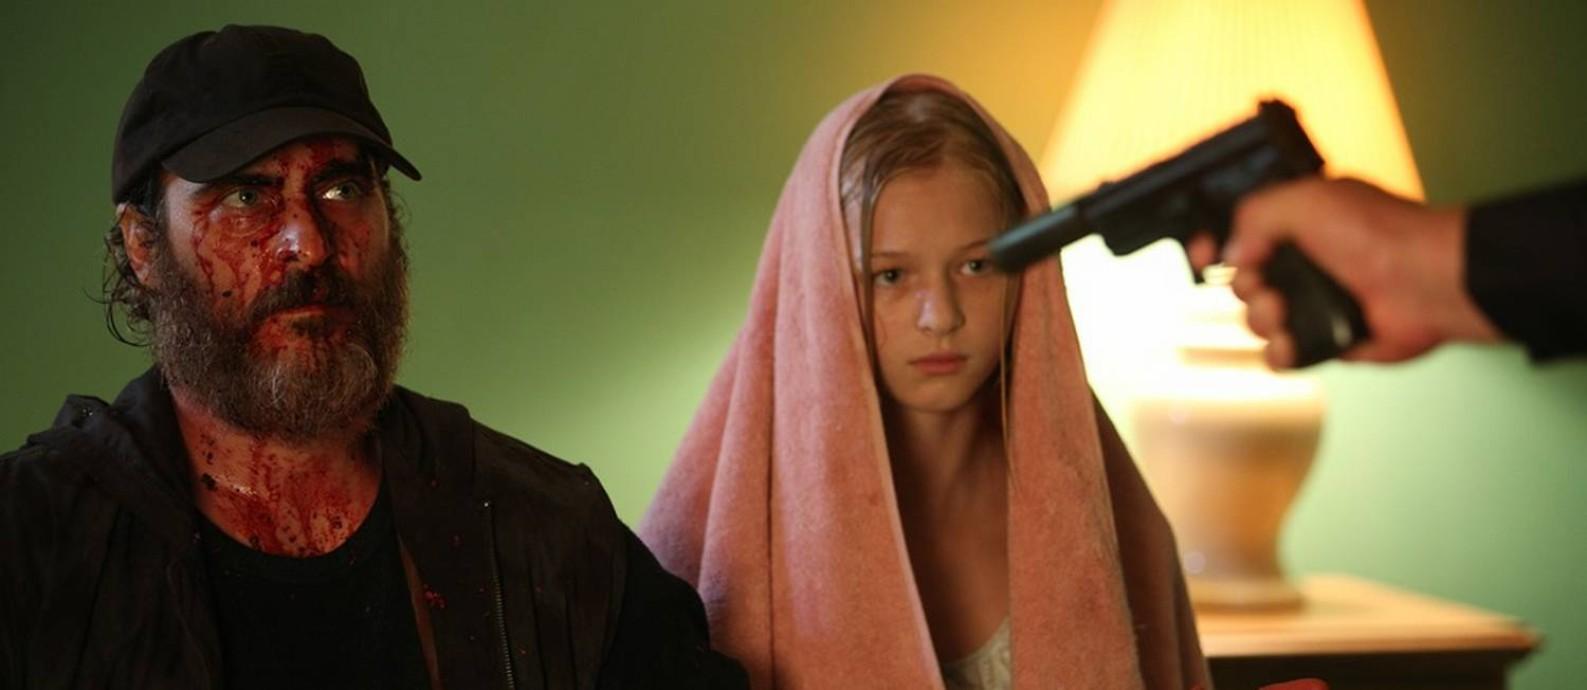 Joaquin Phoenix e Ekaterina Samsonov em cena do filme 'Você nunca esteve realmente aqui' Foto: Divulgação